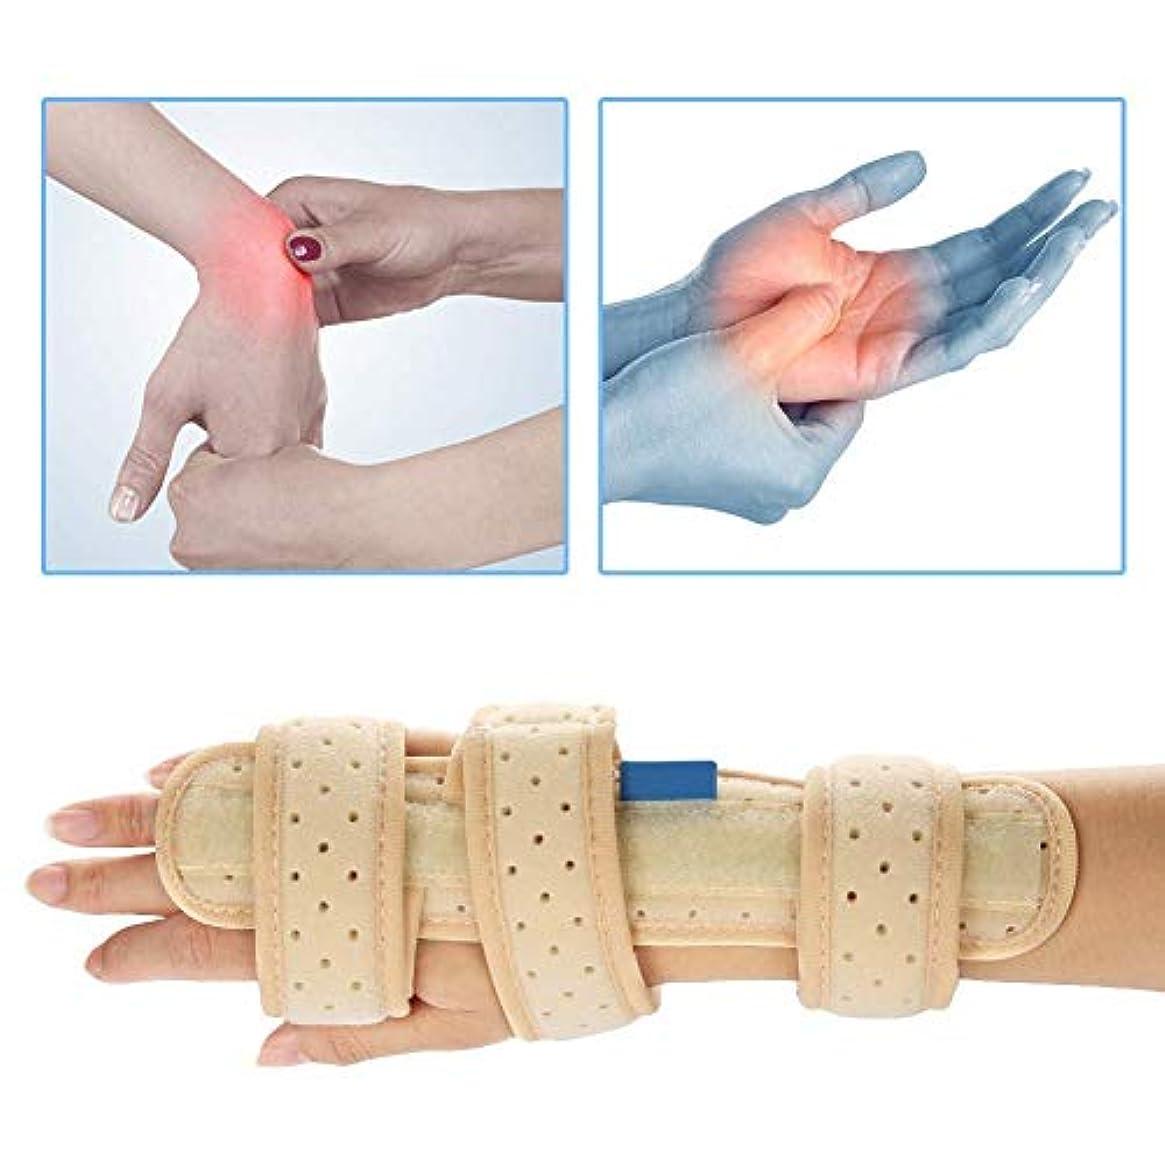 いらいらさせる良さ統計手根管手首ブレース、指手副木テープ手タラベルベット指通気性アルミニウムフィクサー手根管症候群骨折関節炎